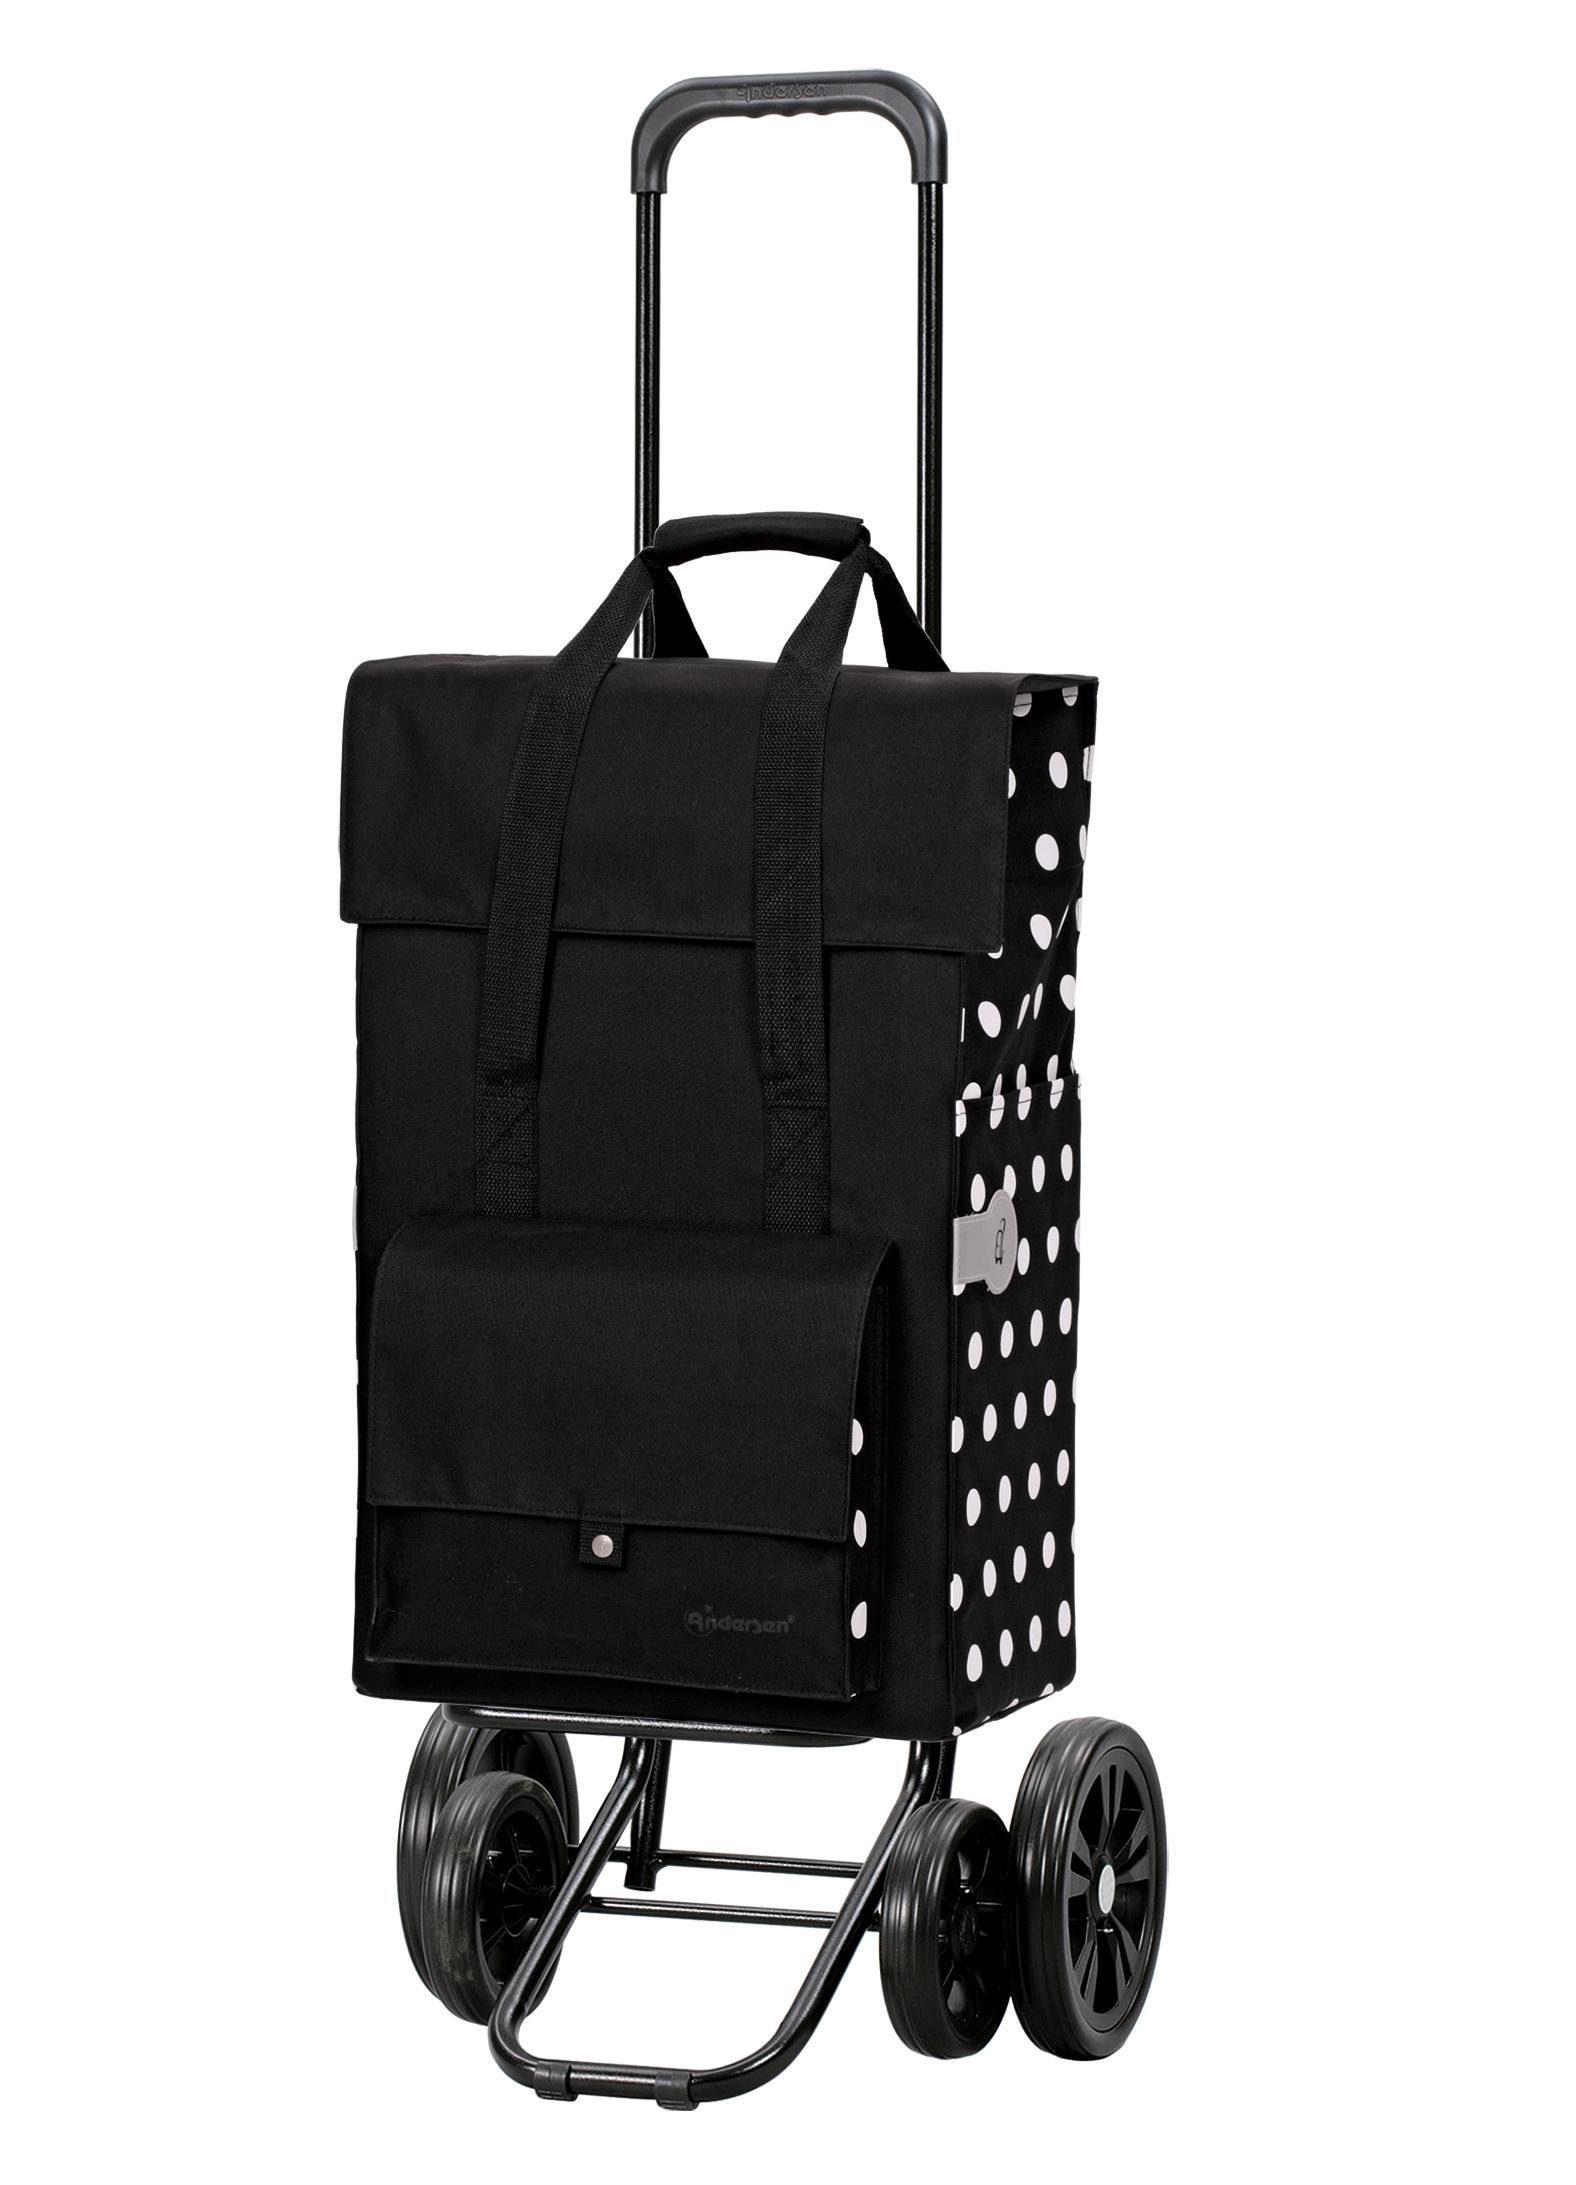 Andersen Einkaufstrolley »Quattro Shopper« mit Alu Fahrgestell